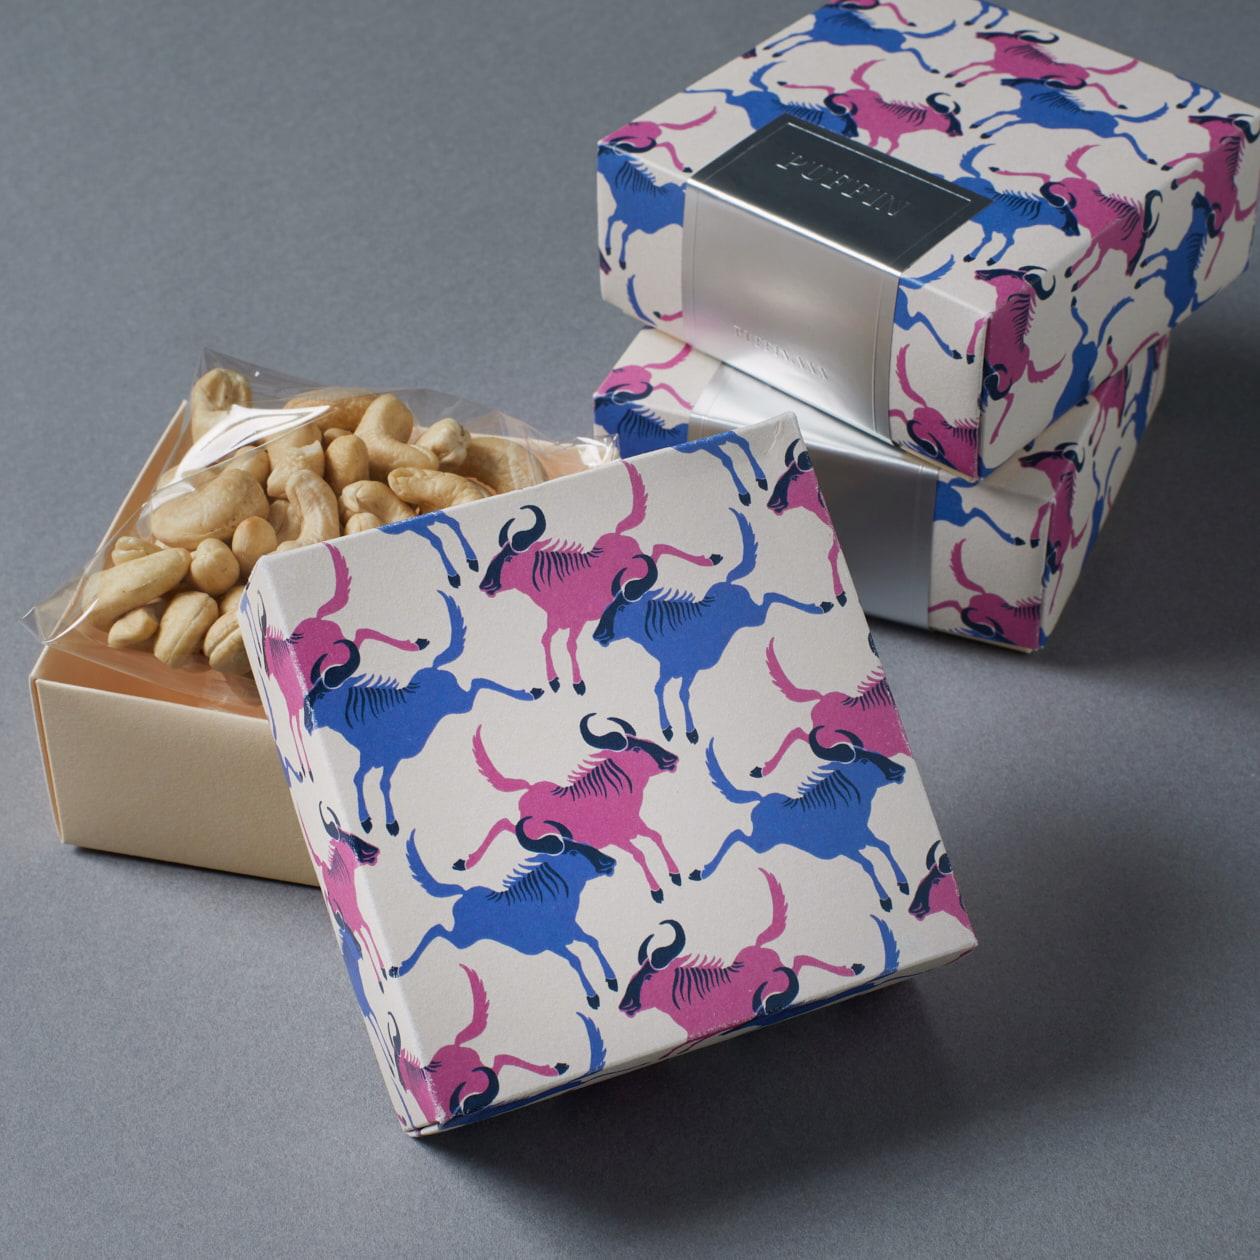 高級ドライフルーツ&ナッツの商品パッケージ